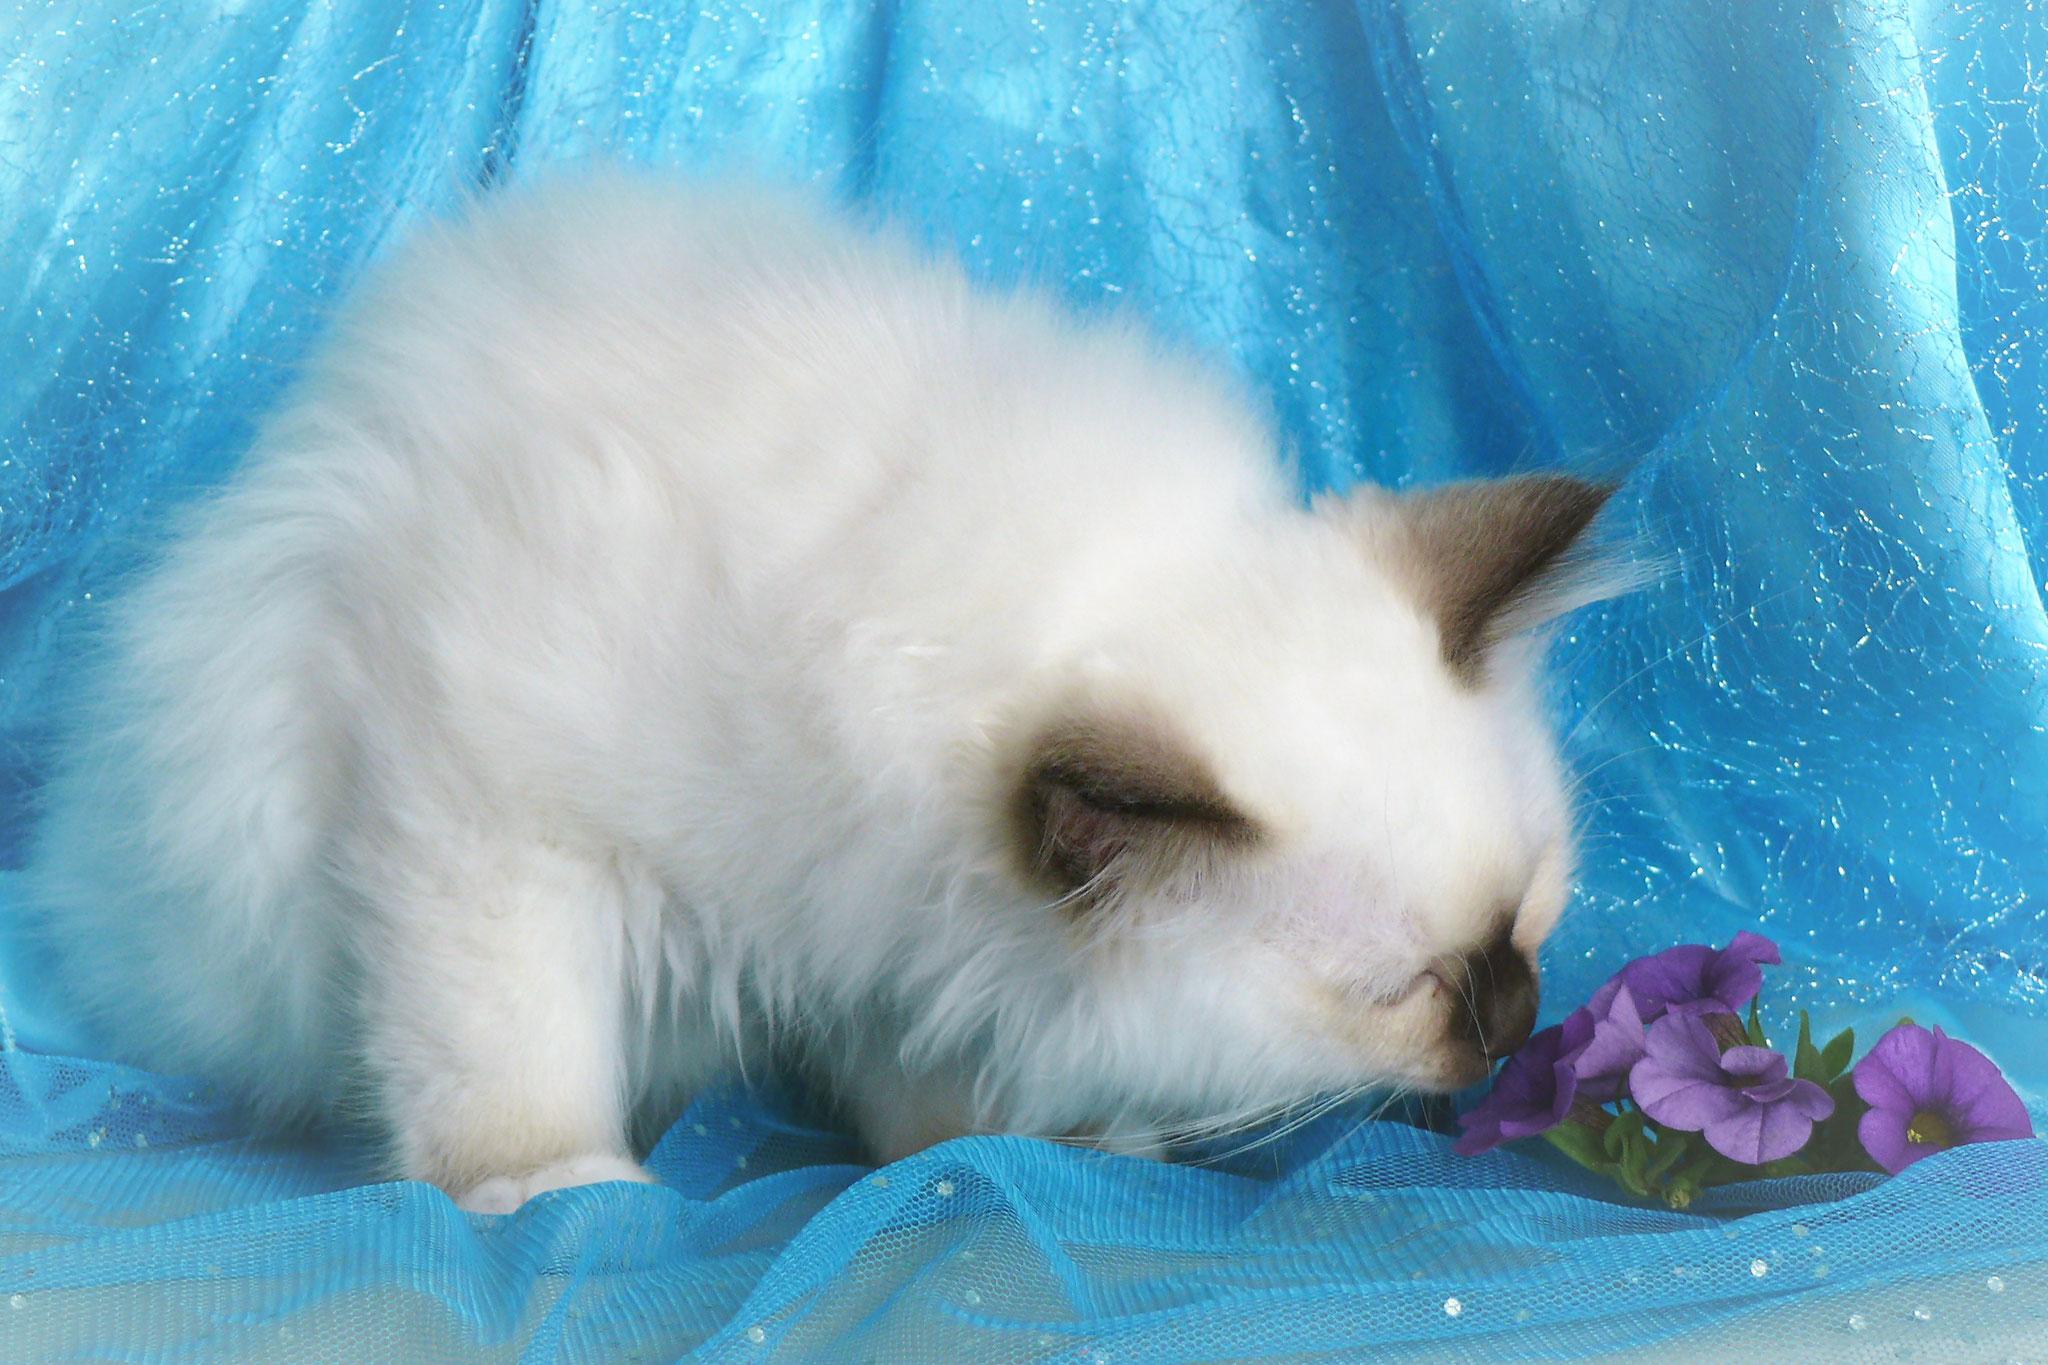 Cheyenne von der Mondblume, 11,5 Wochen alt, 1250 g